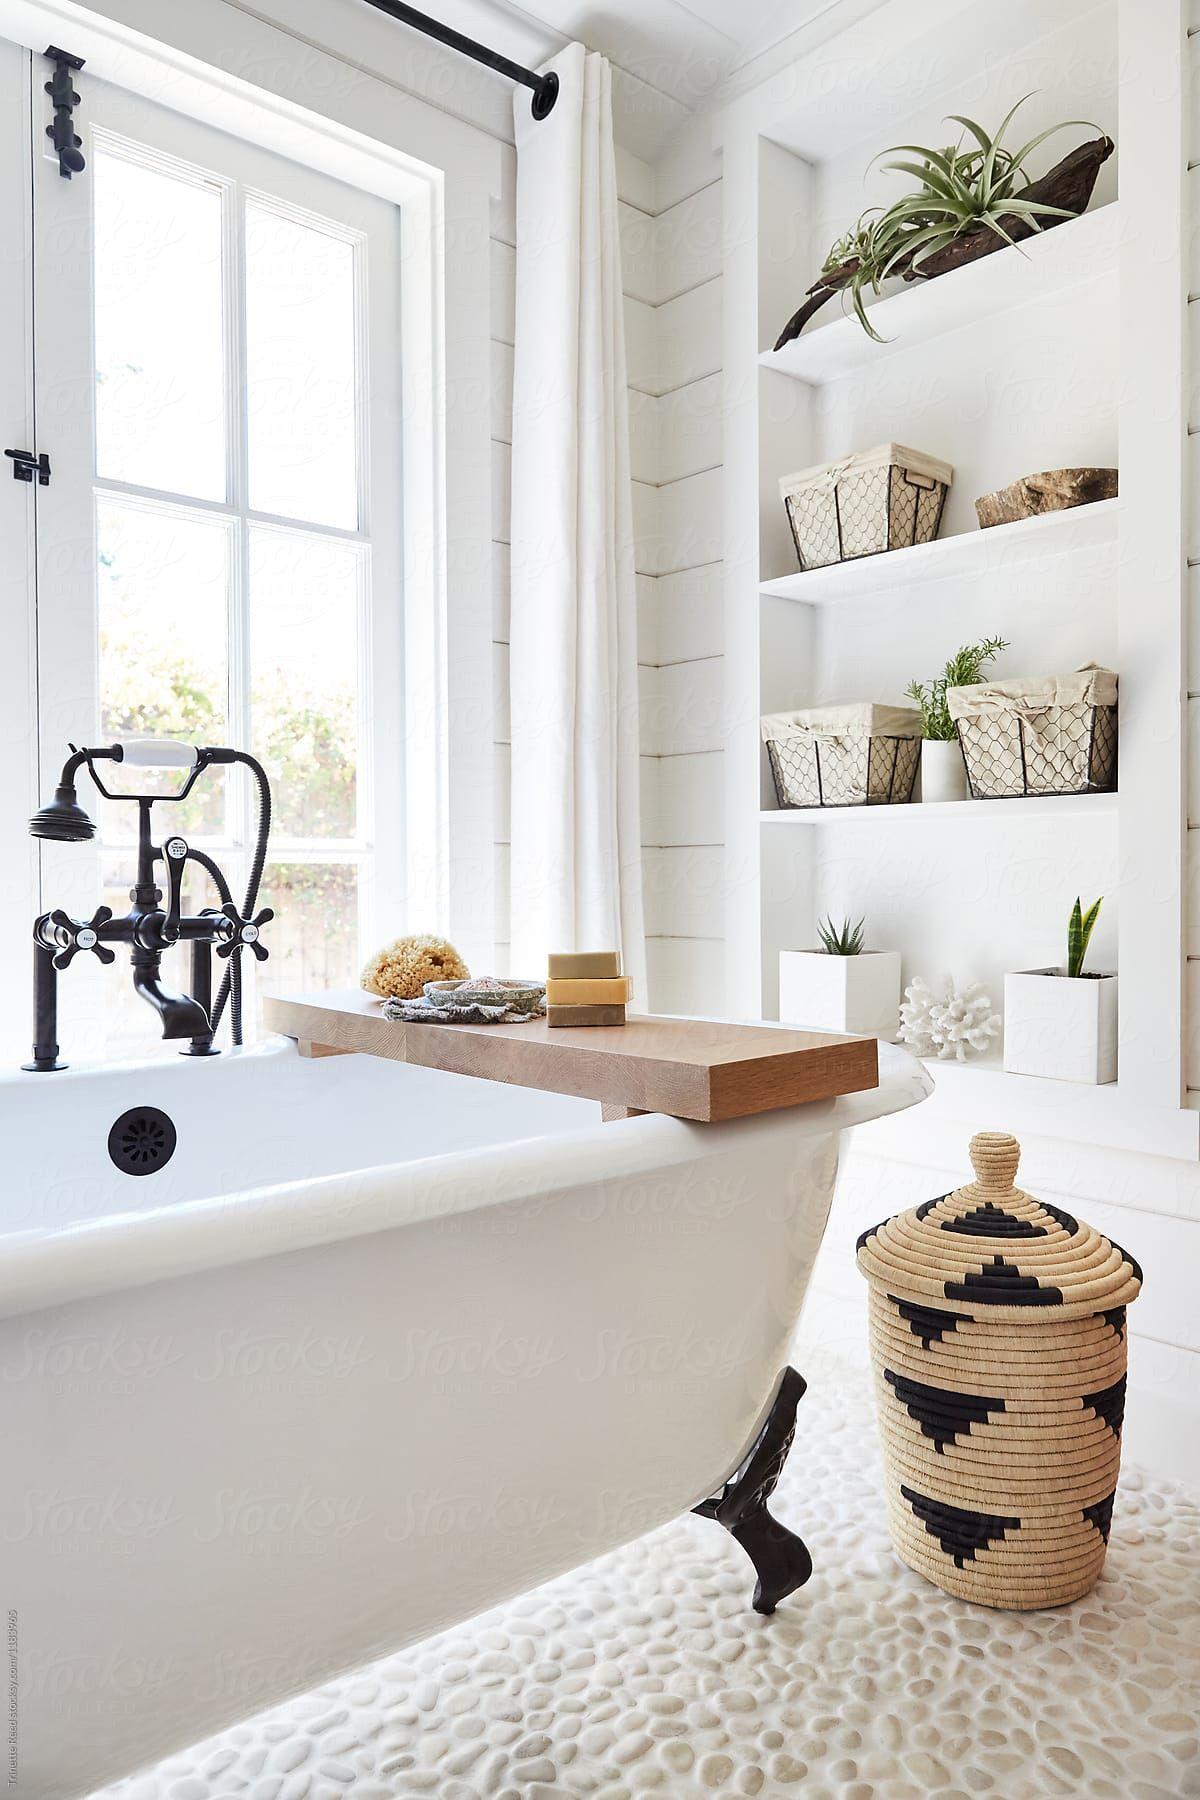 Rustic Modern Farmhouse Bathroom In Small Cottage Download ... on Rustic Farmhouse Bathroom Tile  id=17542